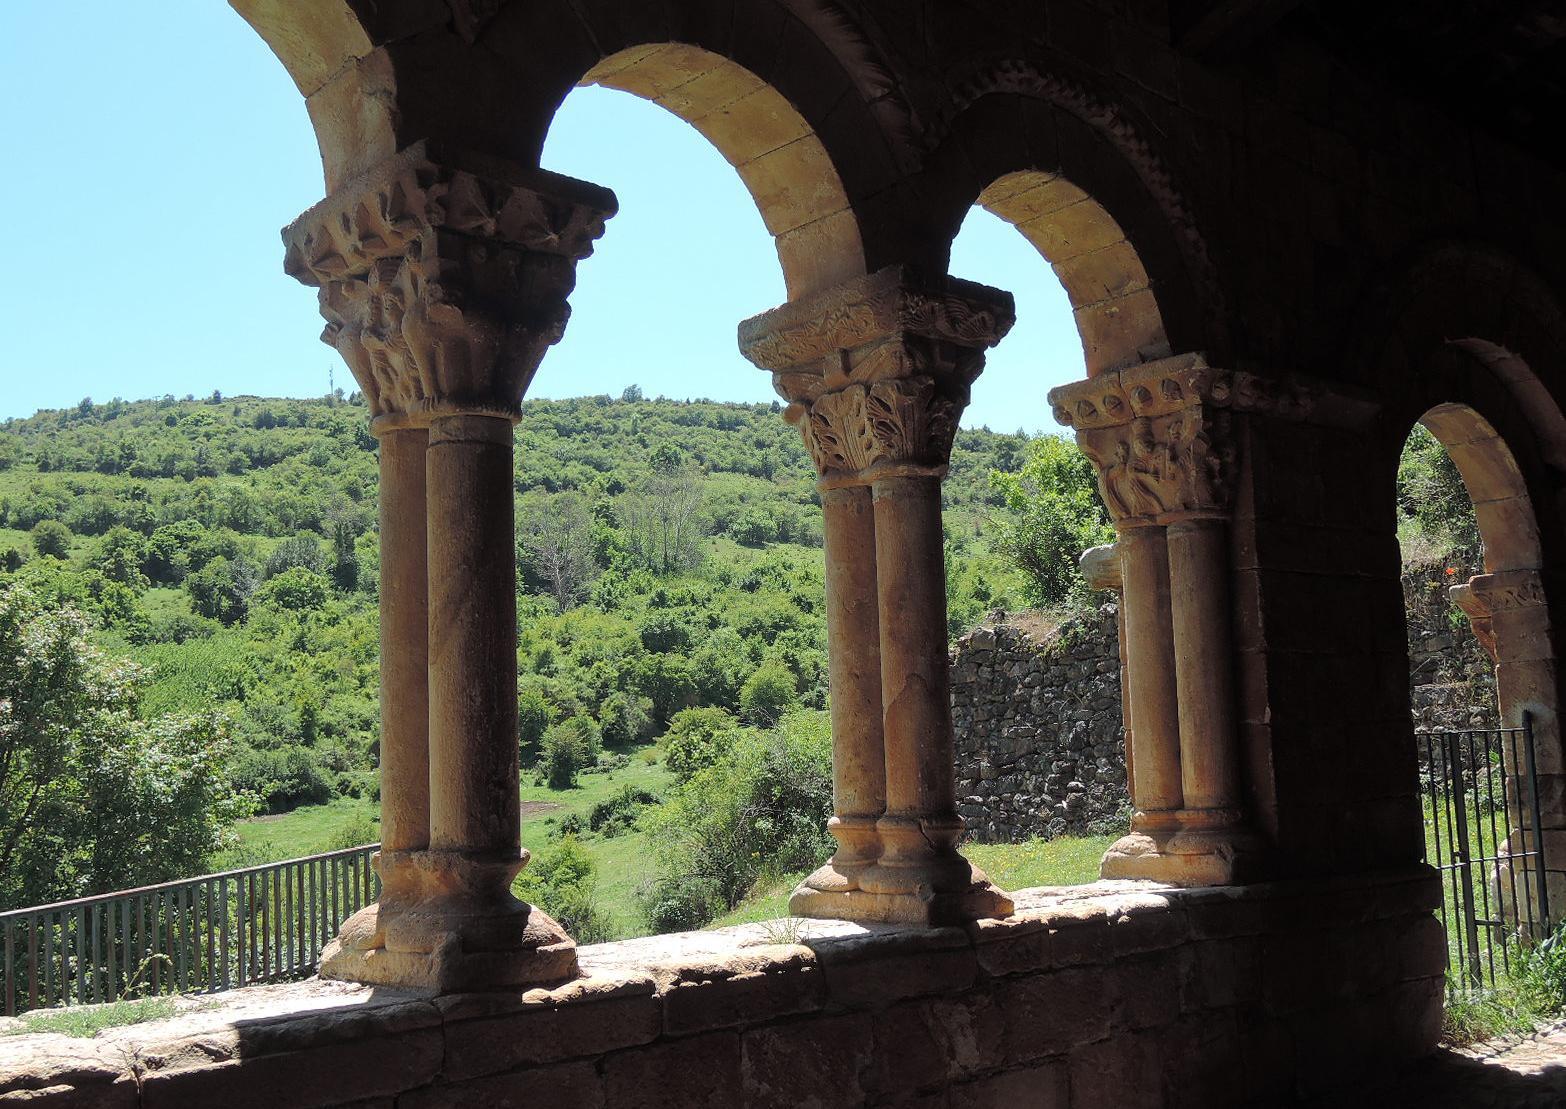 Pórtico de la ermita de San Marcos, con columnas de mucho mérito.